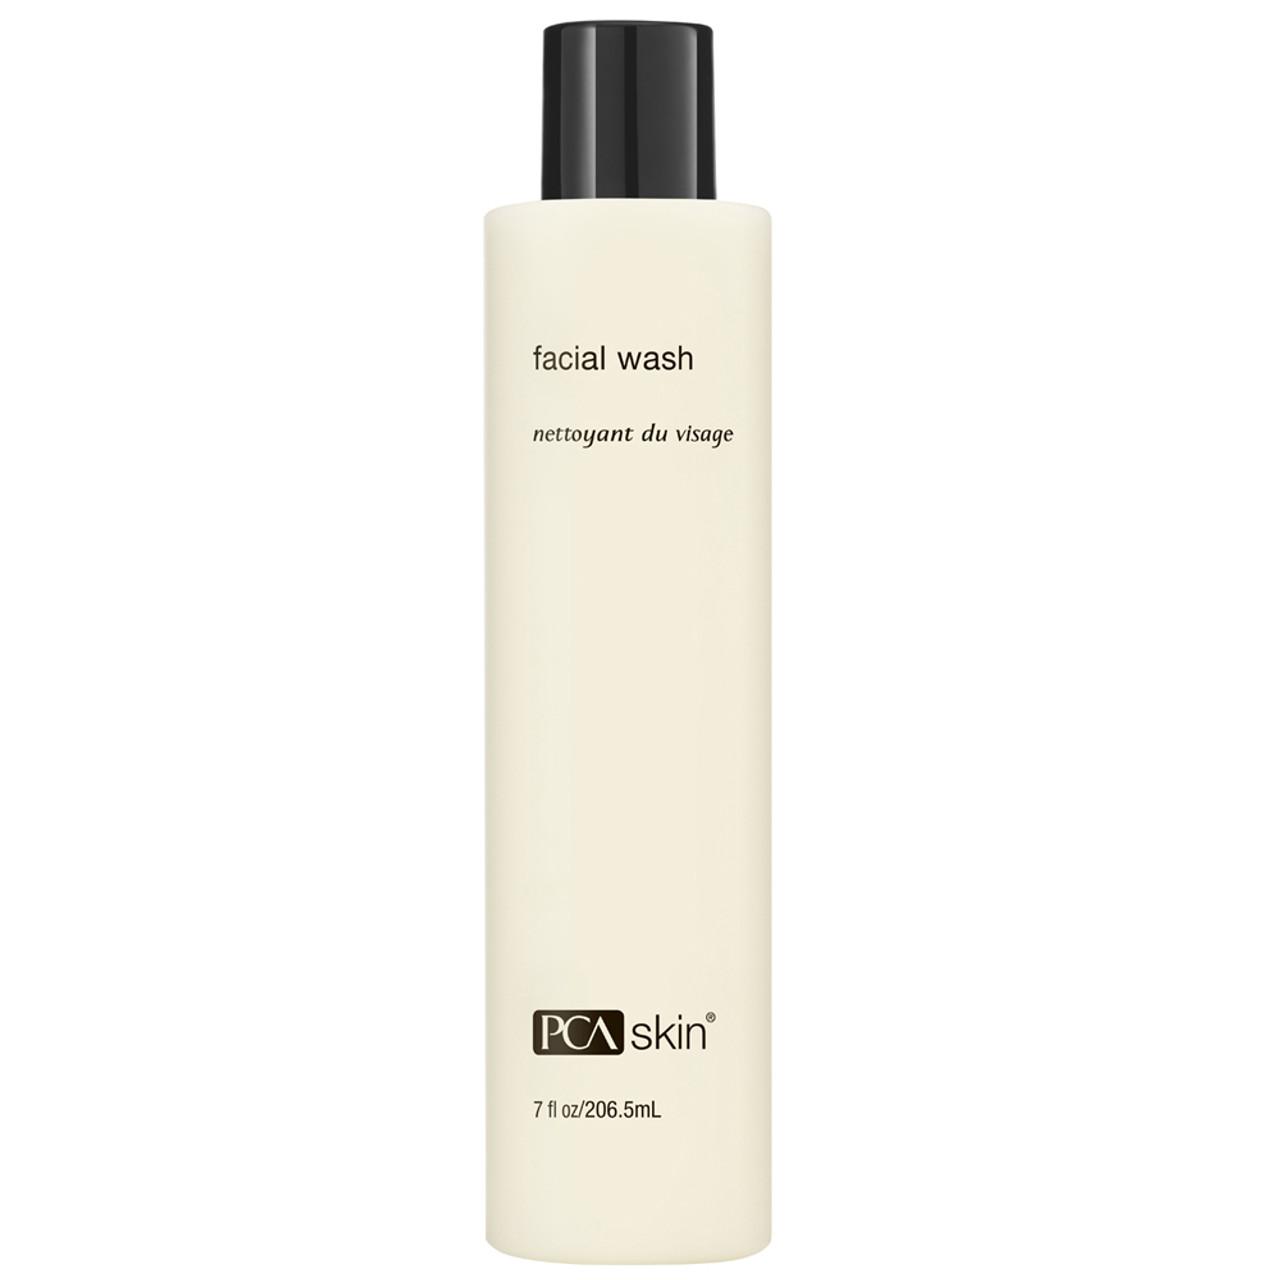 PCA Skin Facial Wash BeautifiedYou.com